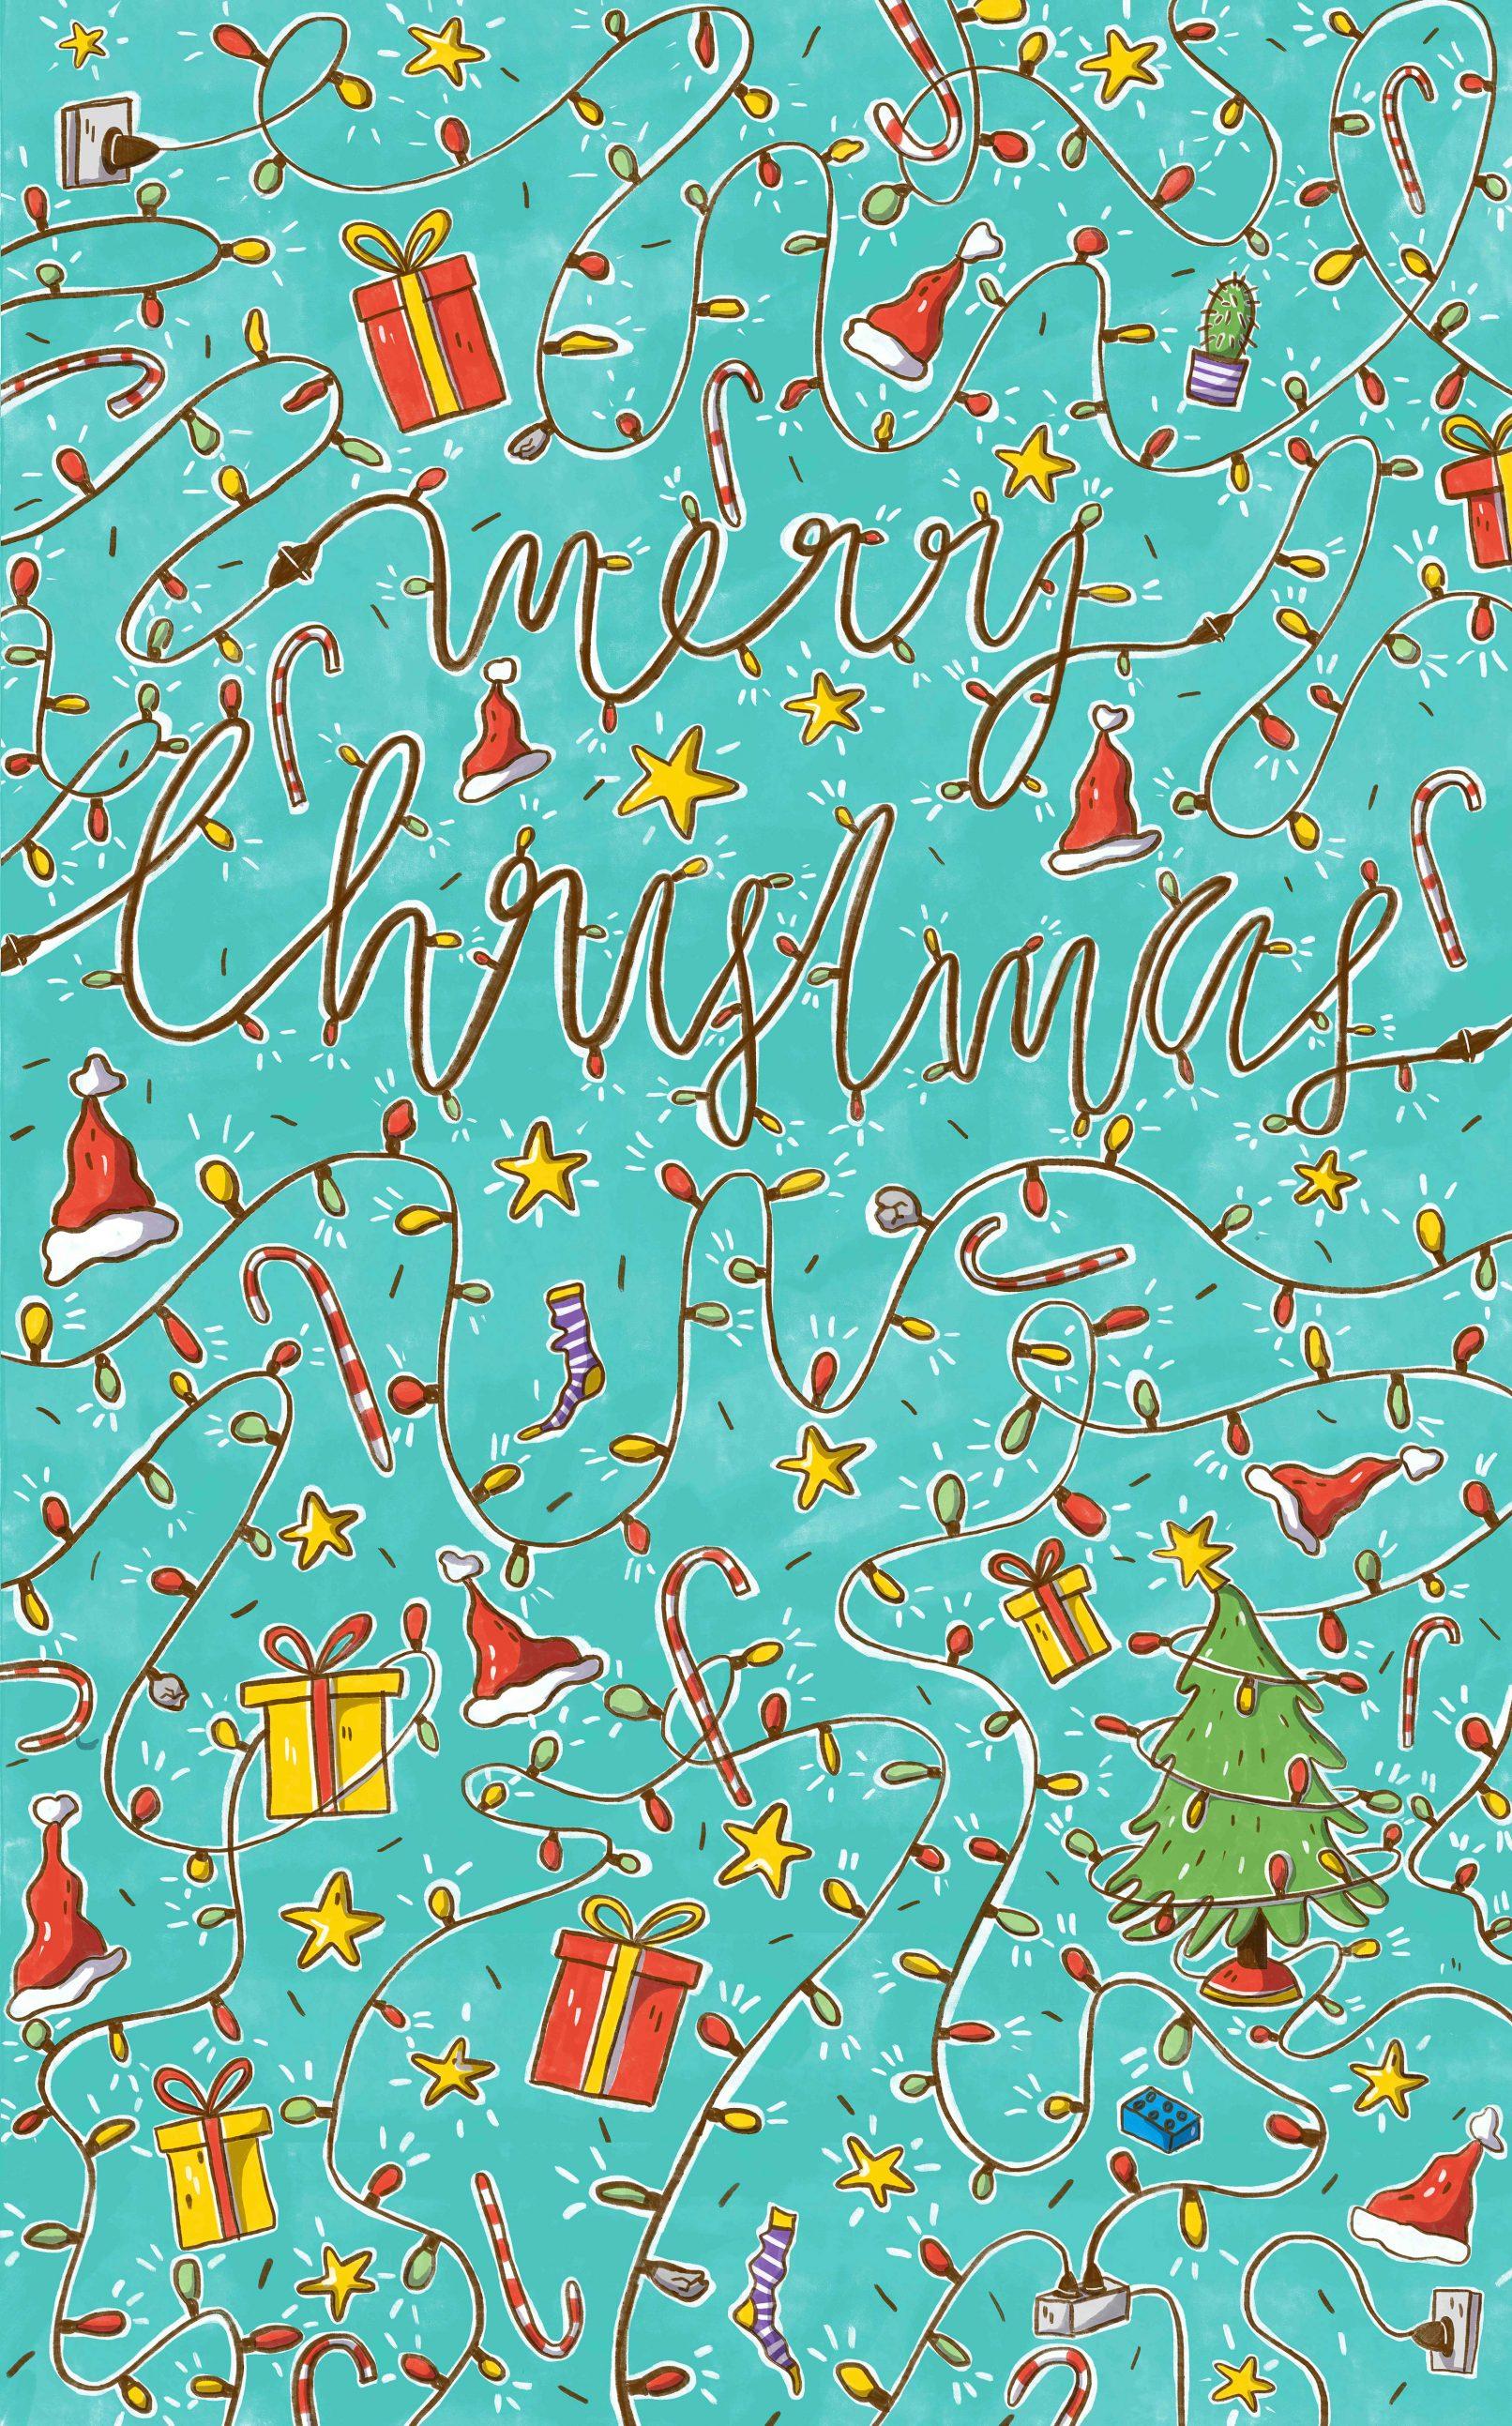 Geschenkpapier Weihnachten.Geschenkpapier Weihnachten Caroline Opheys Kinderbuchillustration